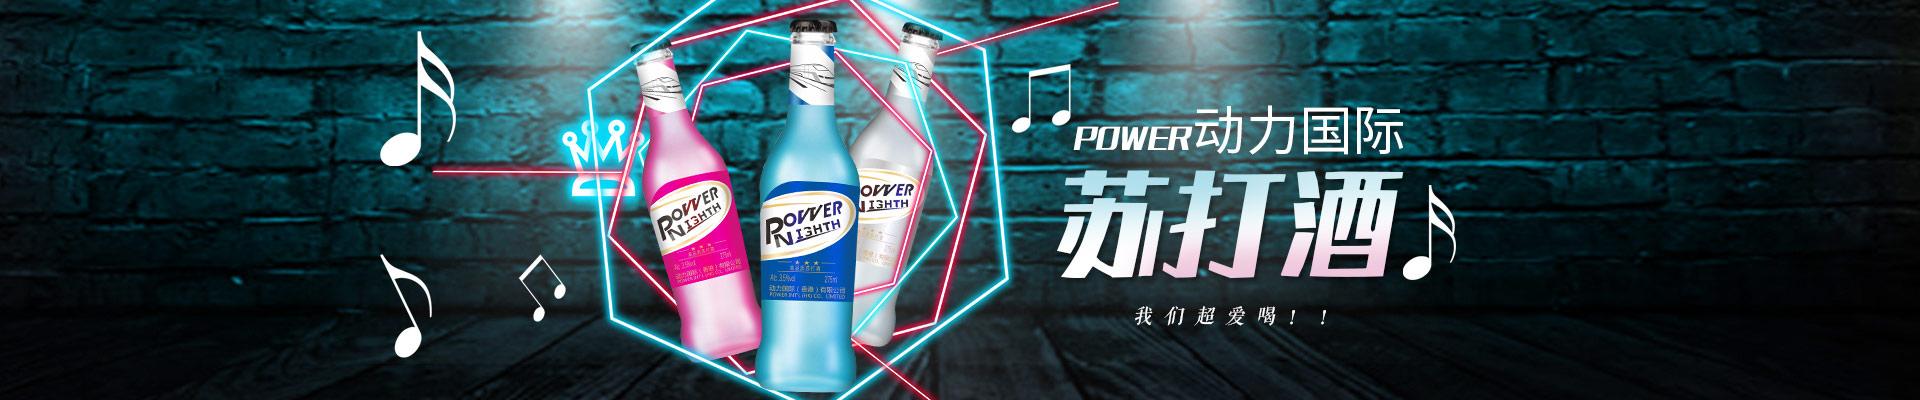 温县皇家城堡酒业有限公司